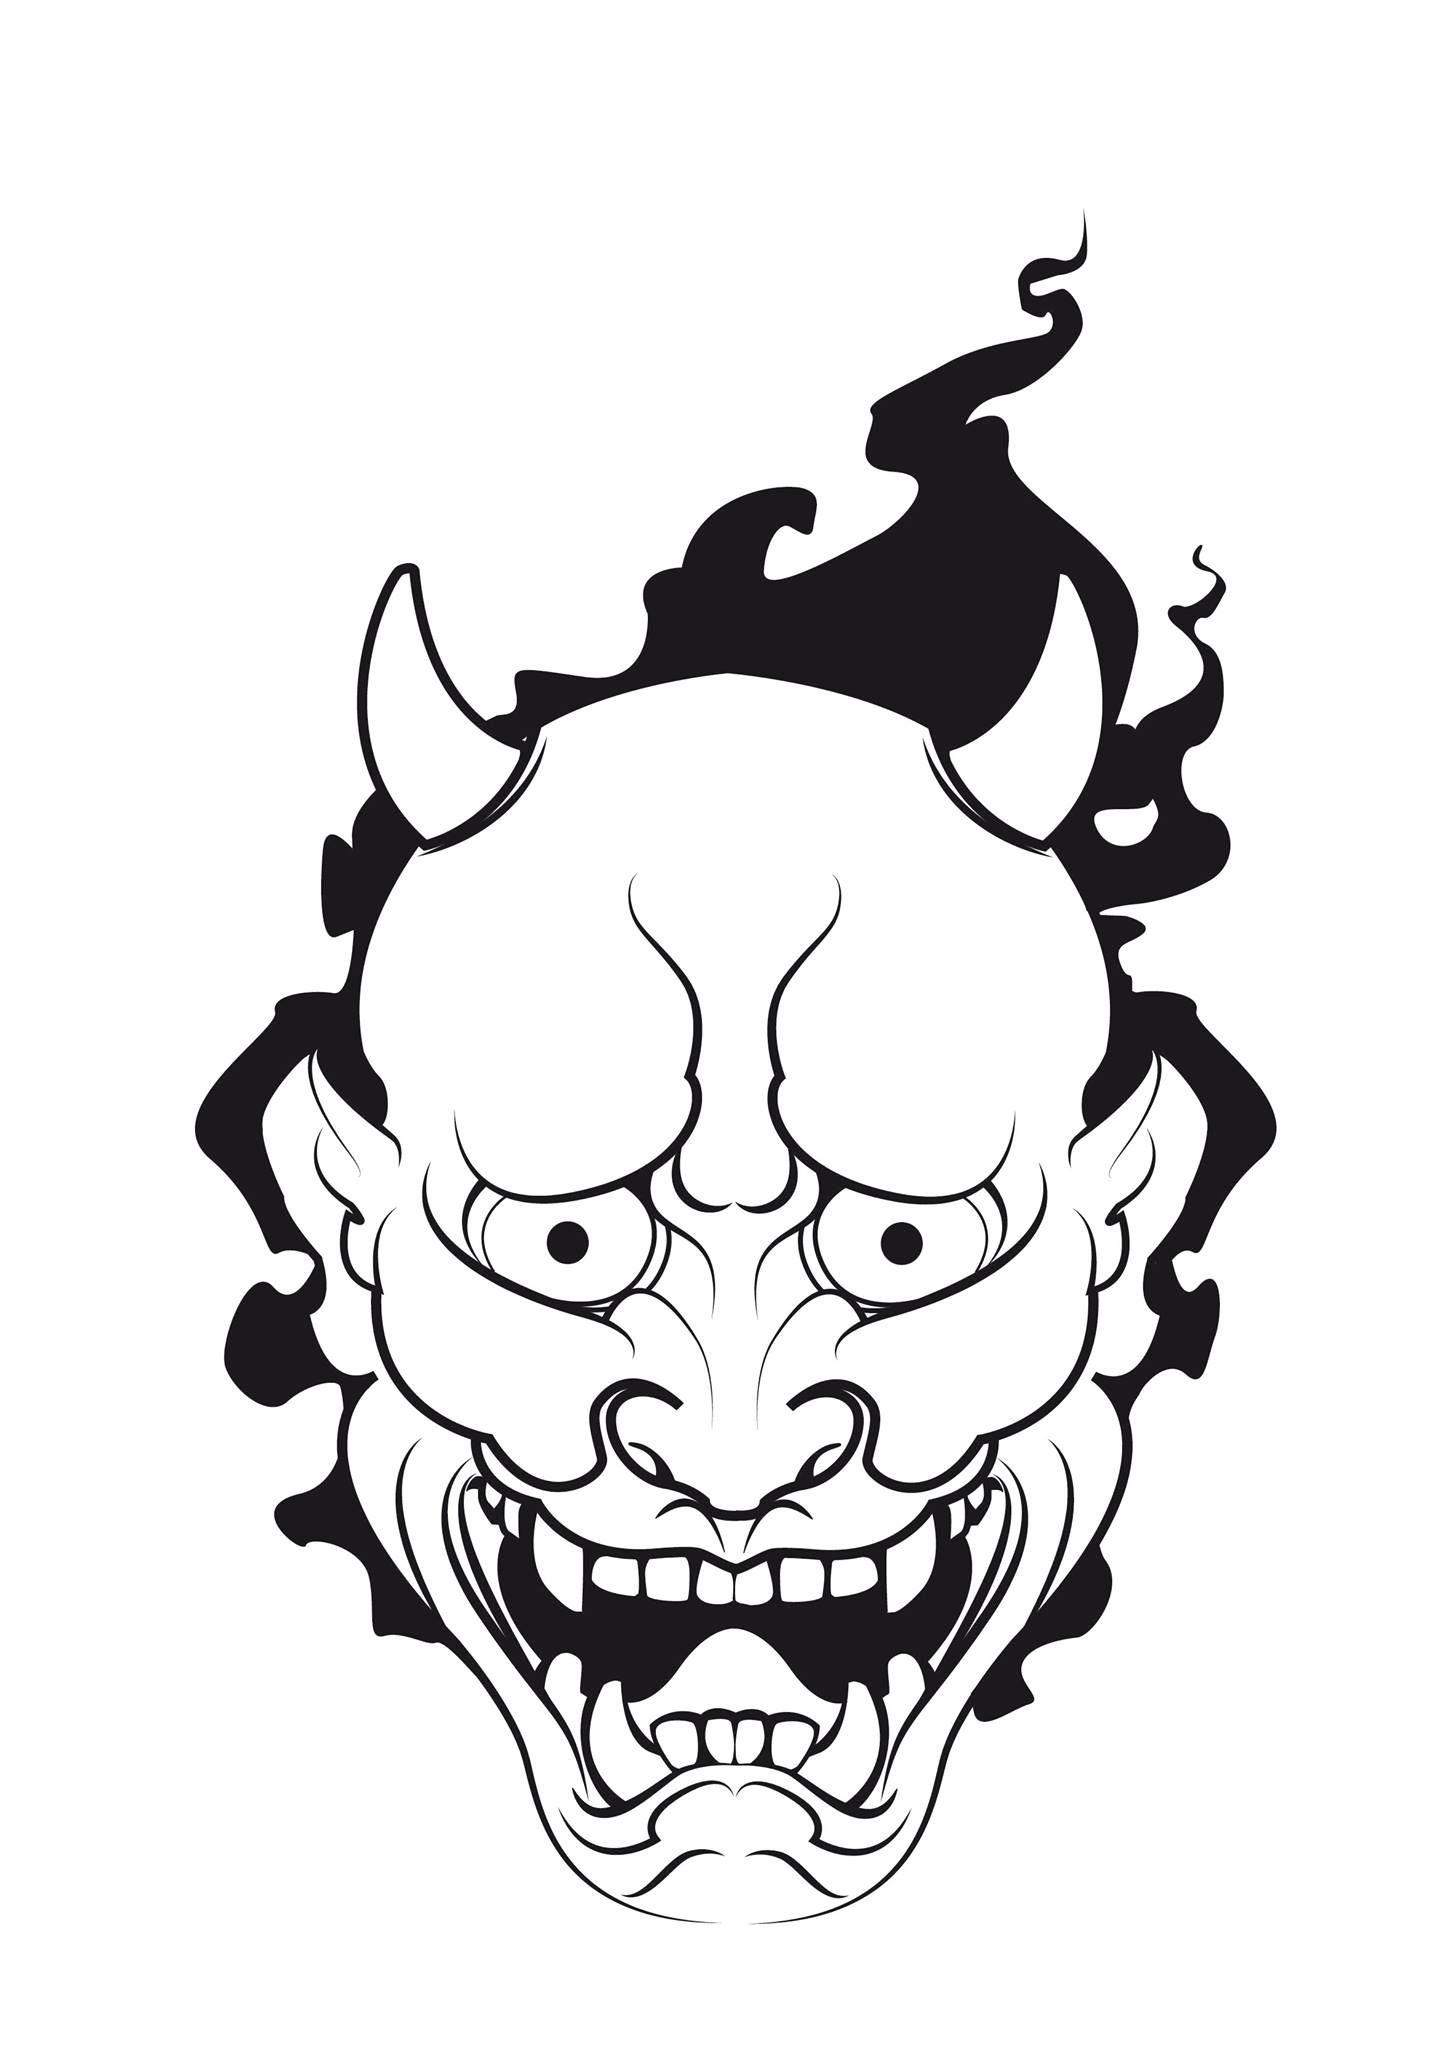 pingl par dhilan sur boye pinterest japonais masque japonais et tatouages. Black Bedroom Furniture Sets. Home Design Ideas